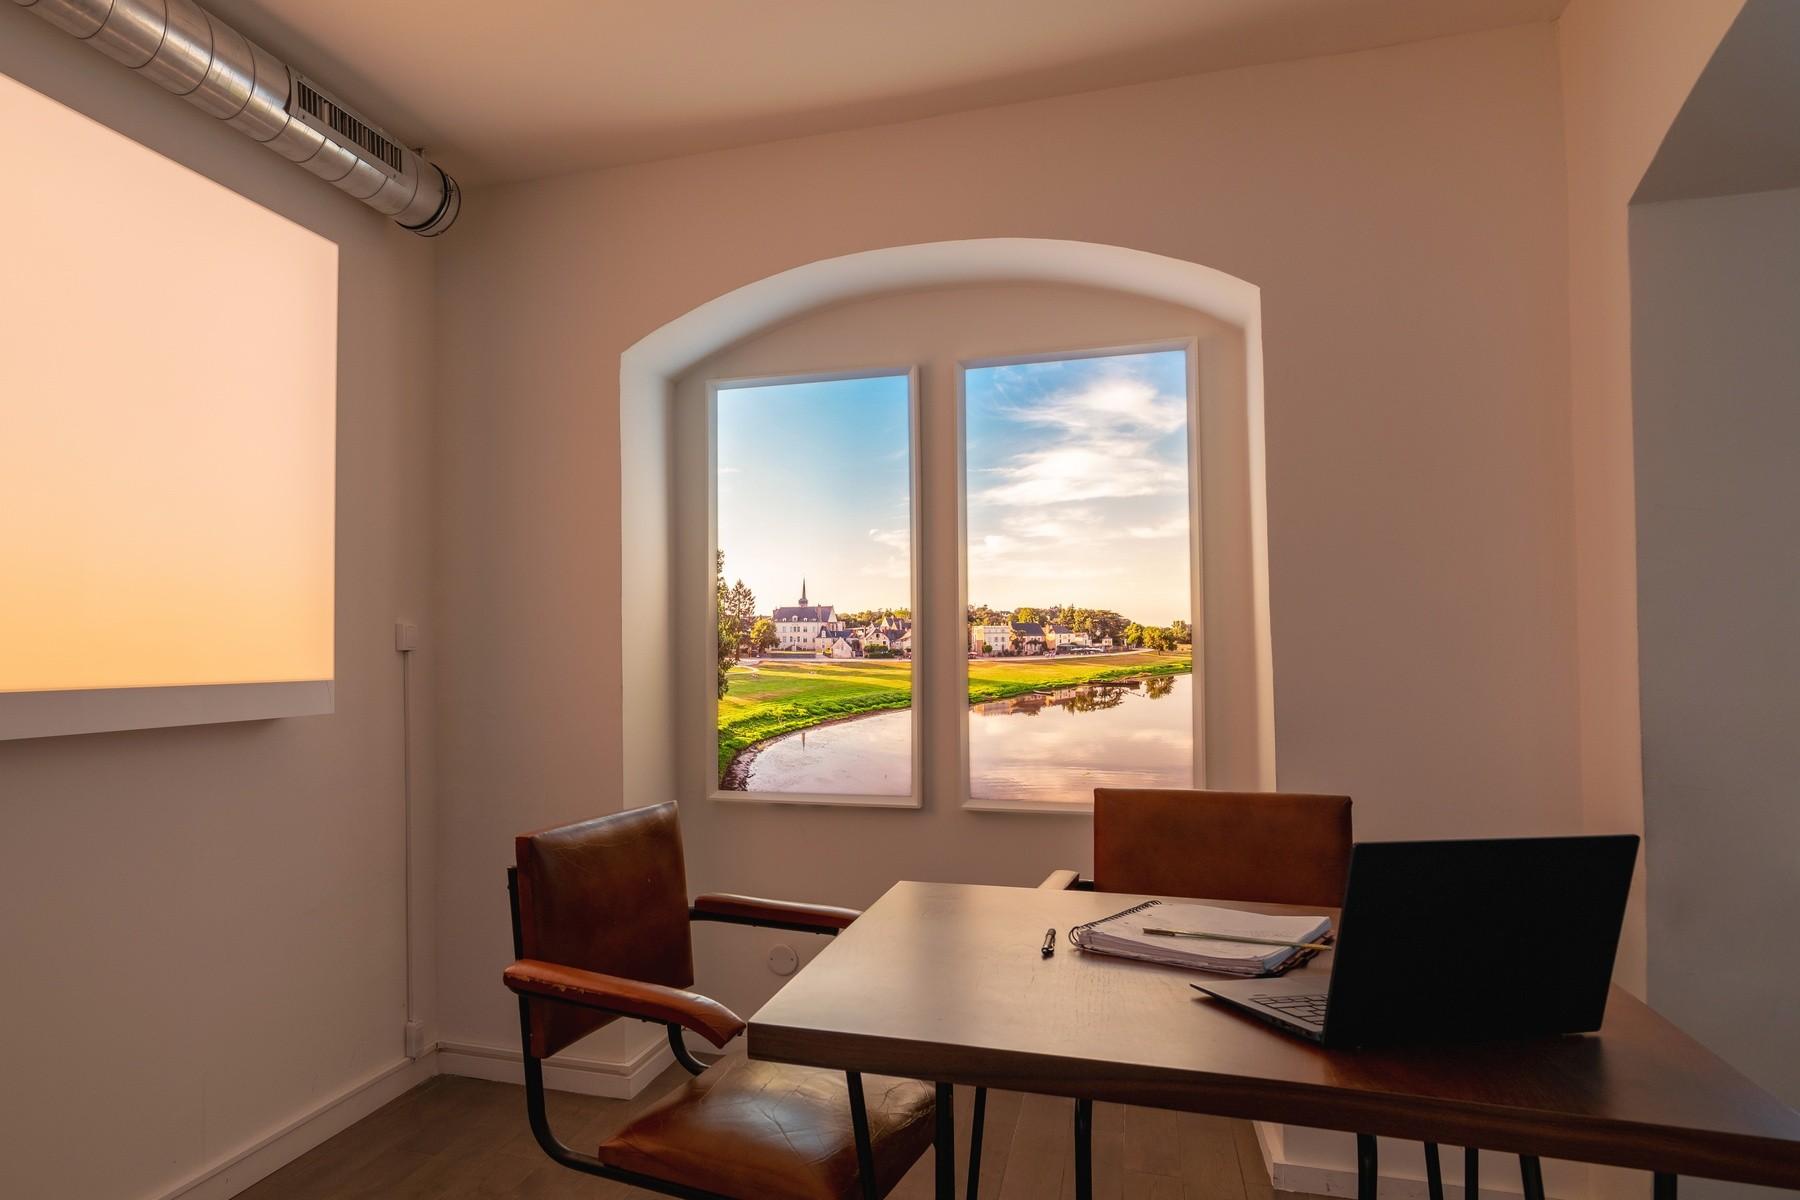 Fenêtres lumineuse évolution verticales pour une salle de réunion en sous-sol avec une lumière chaude.